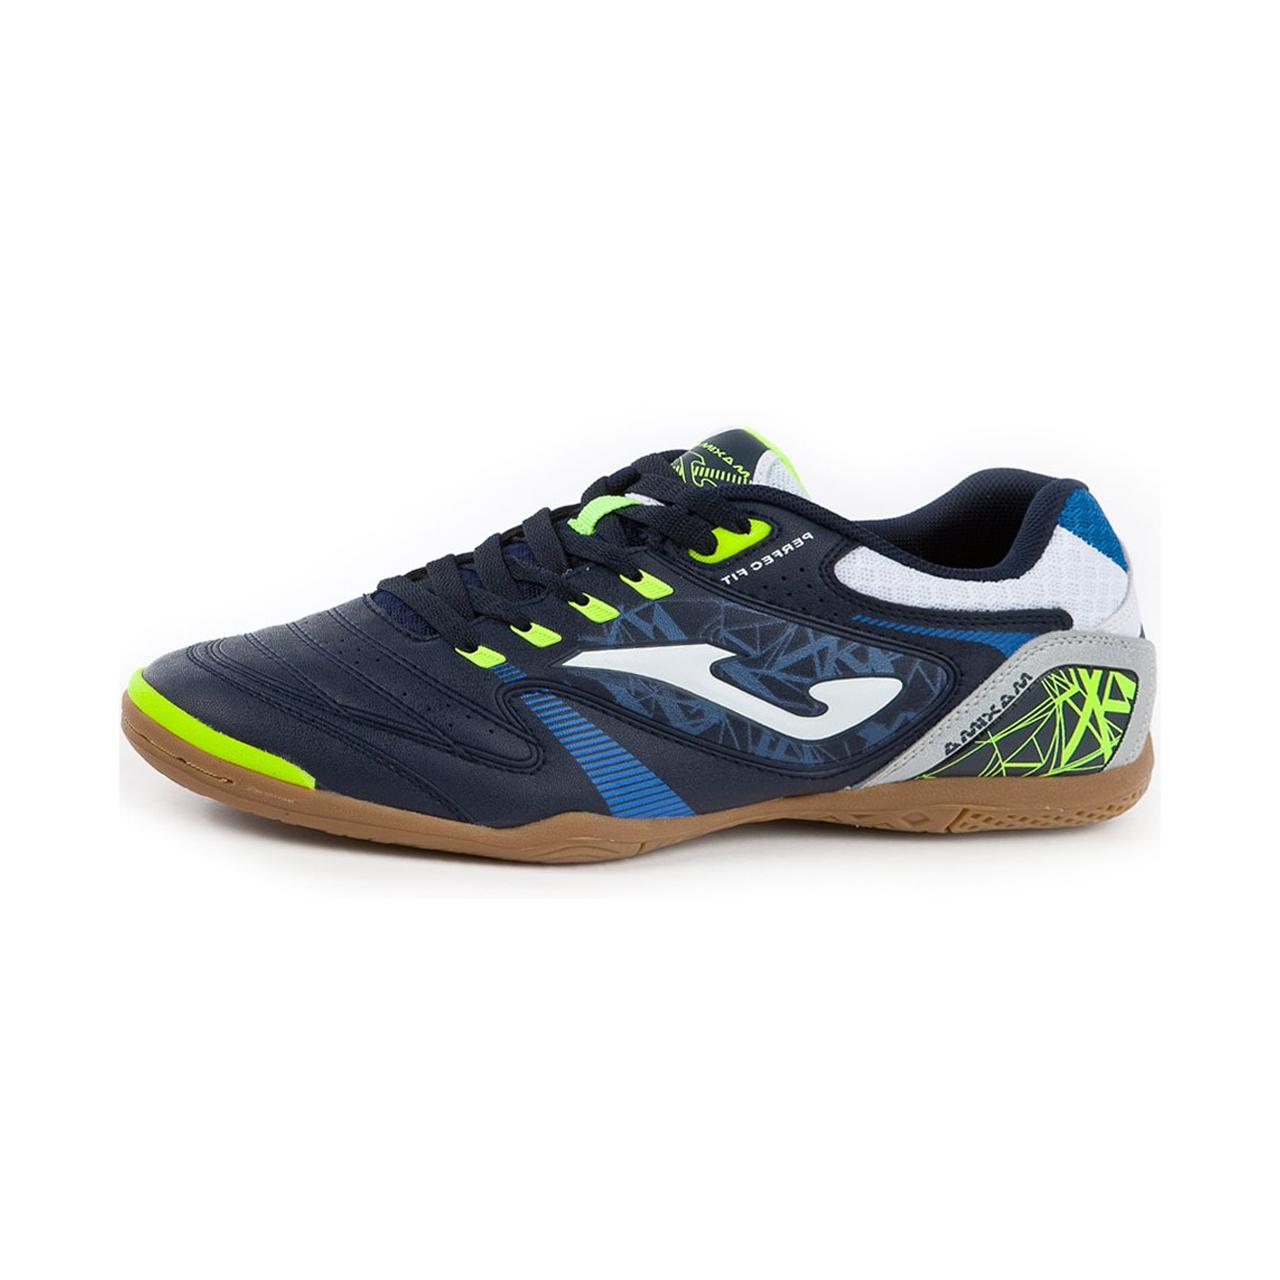 کفش فوتسال مردانه جوما مدل MAXIMA 703